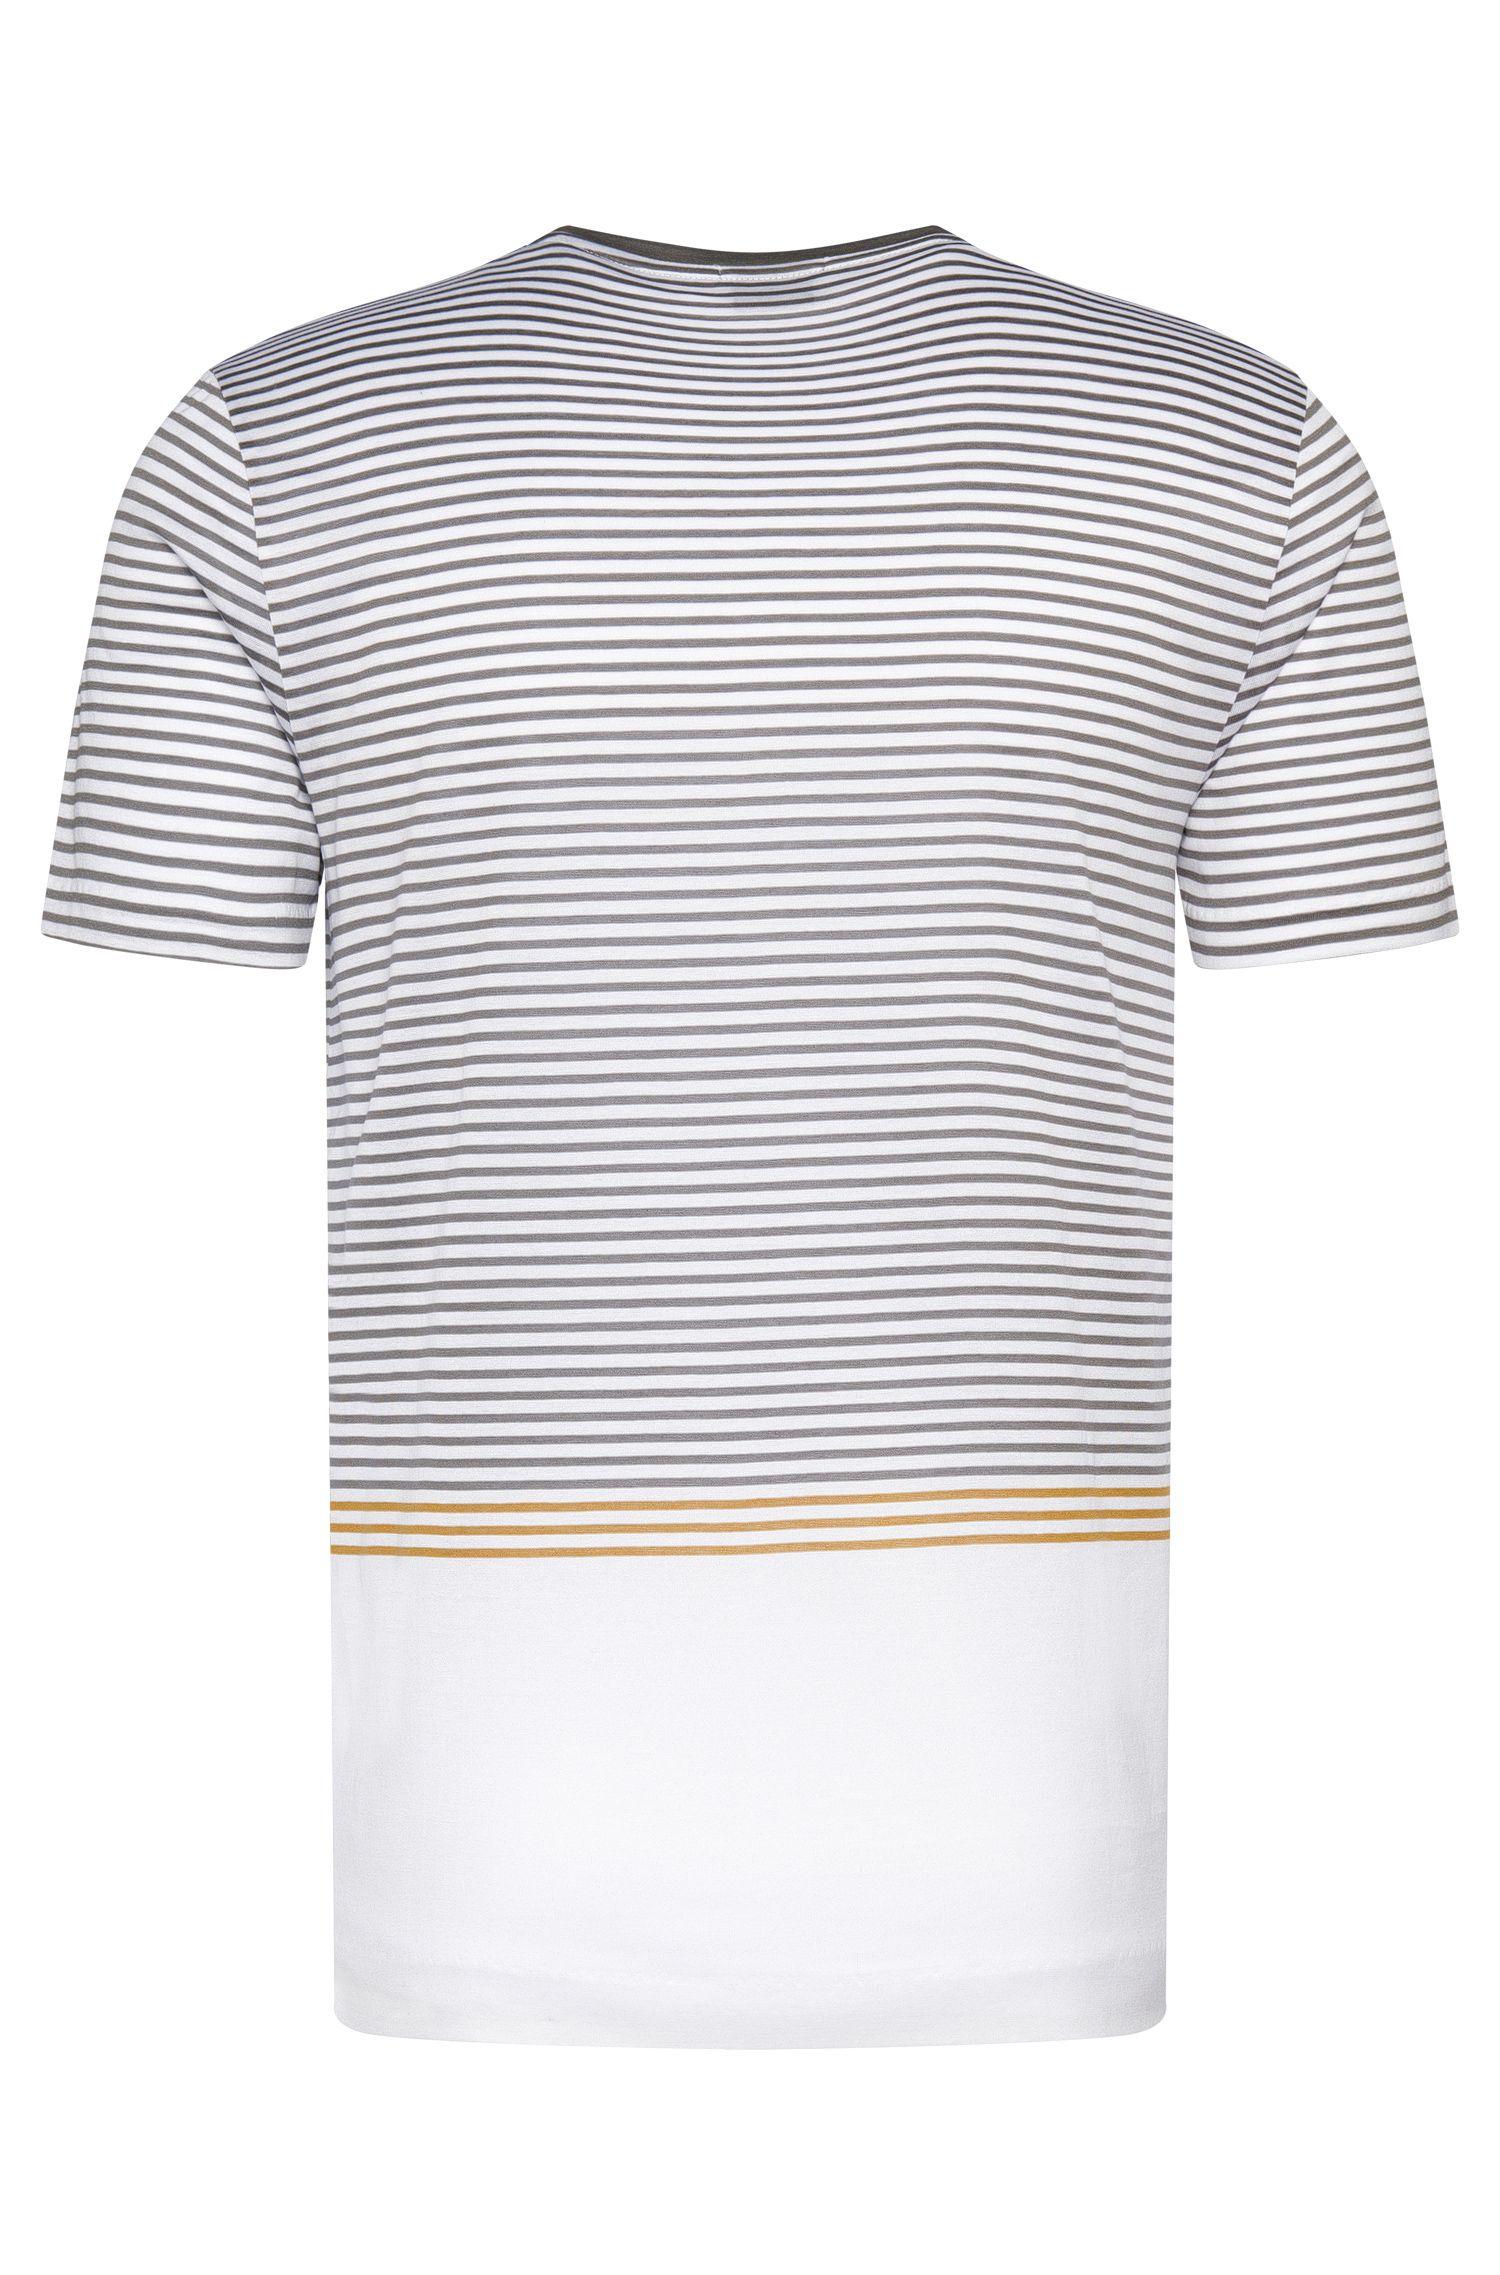 Mercerized Cotton Striped T-Shirt | Tessler